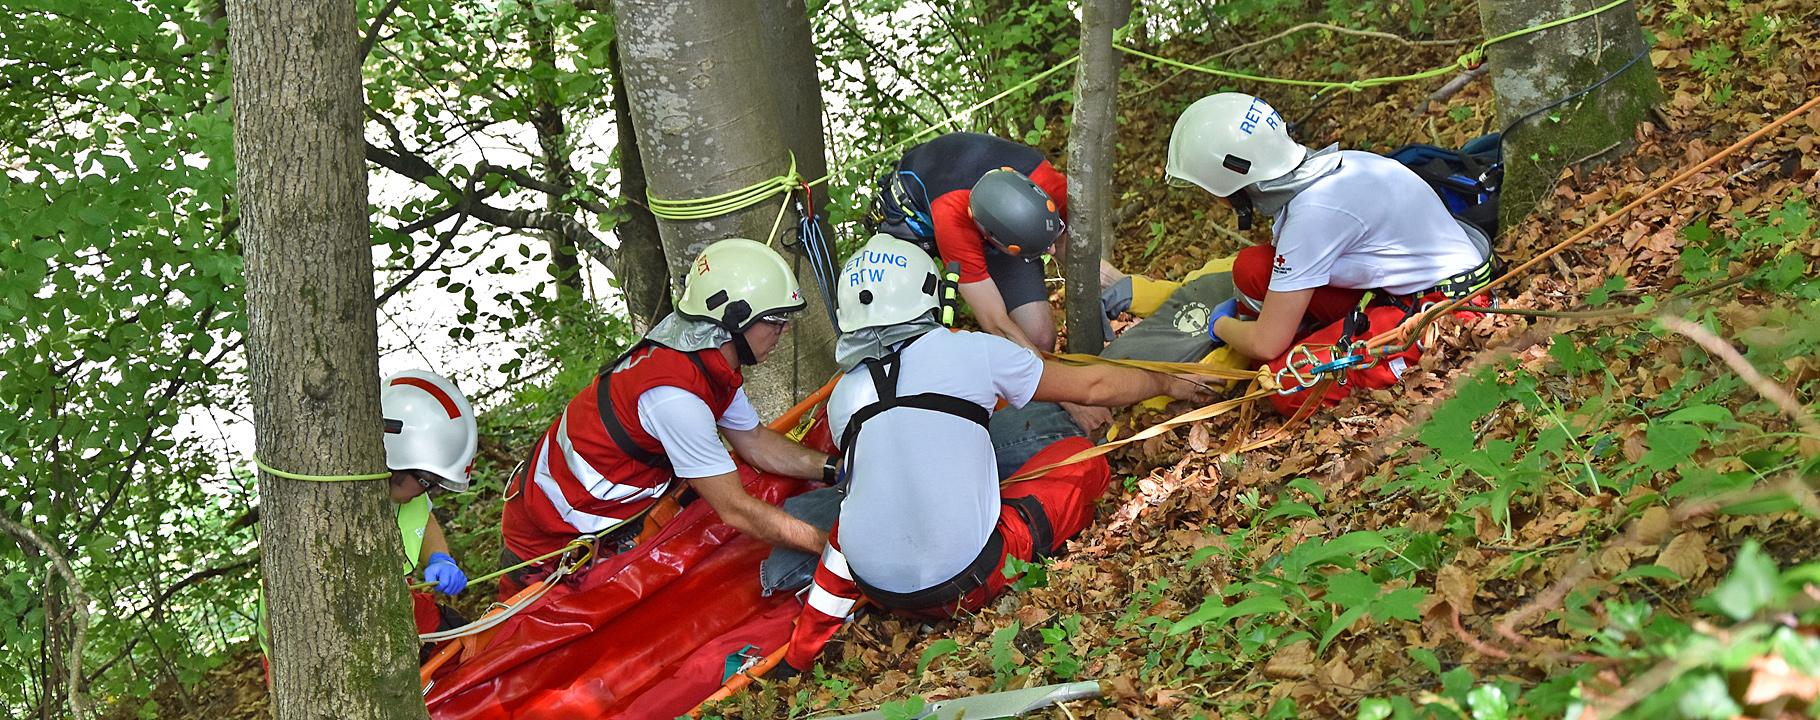 Bergung in steilem Gelände - Rotes Kreuz Hohenems